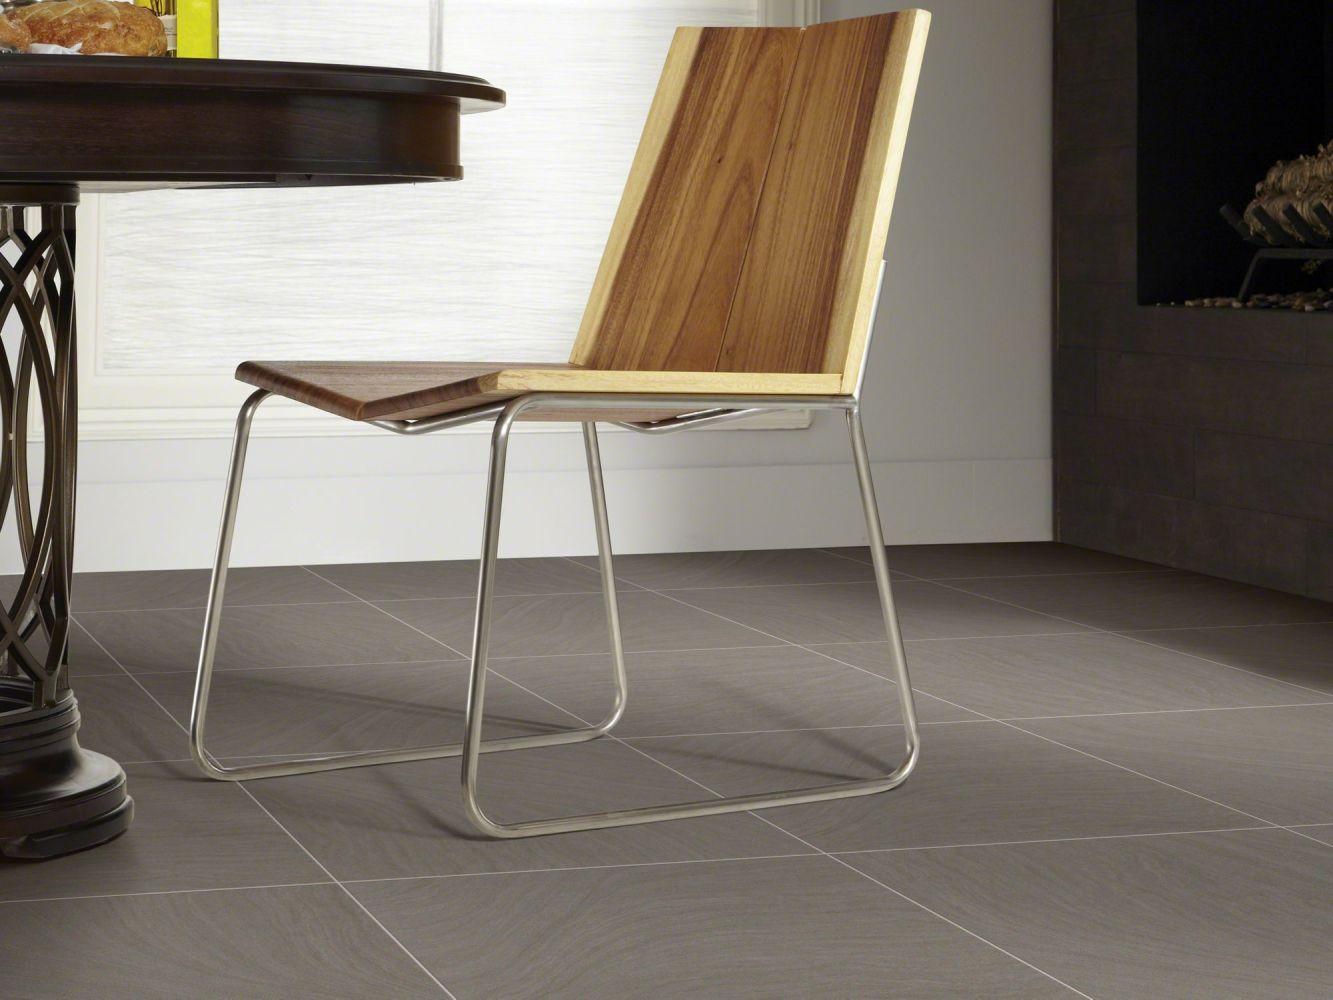 Shaw Floors Resilient Residential Renaissance Graphite 00501_0331V